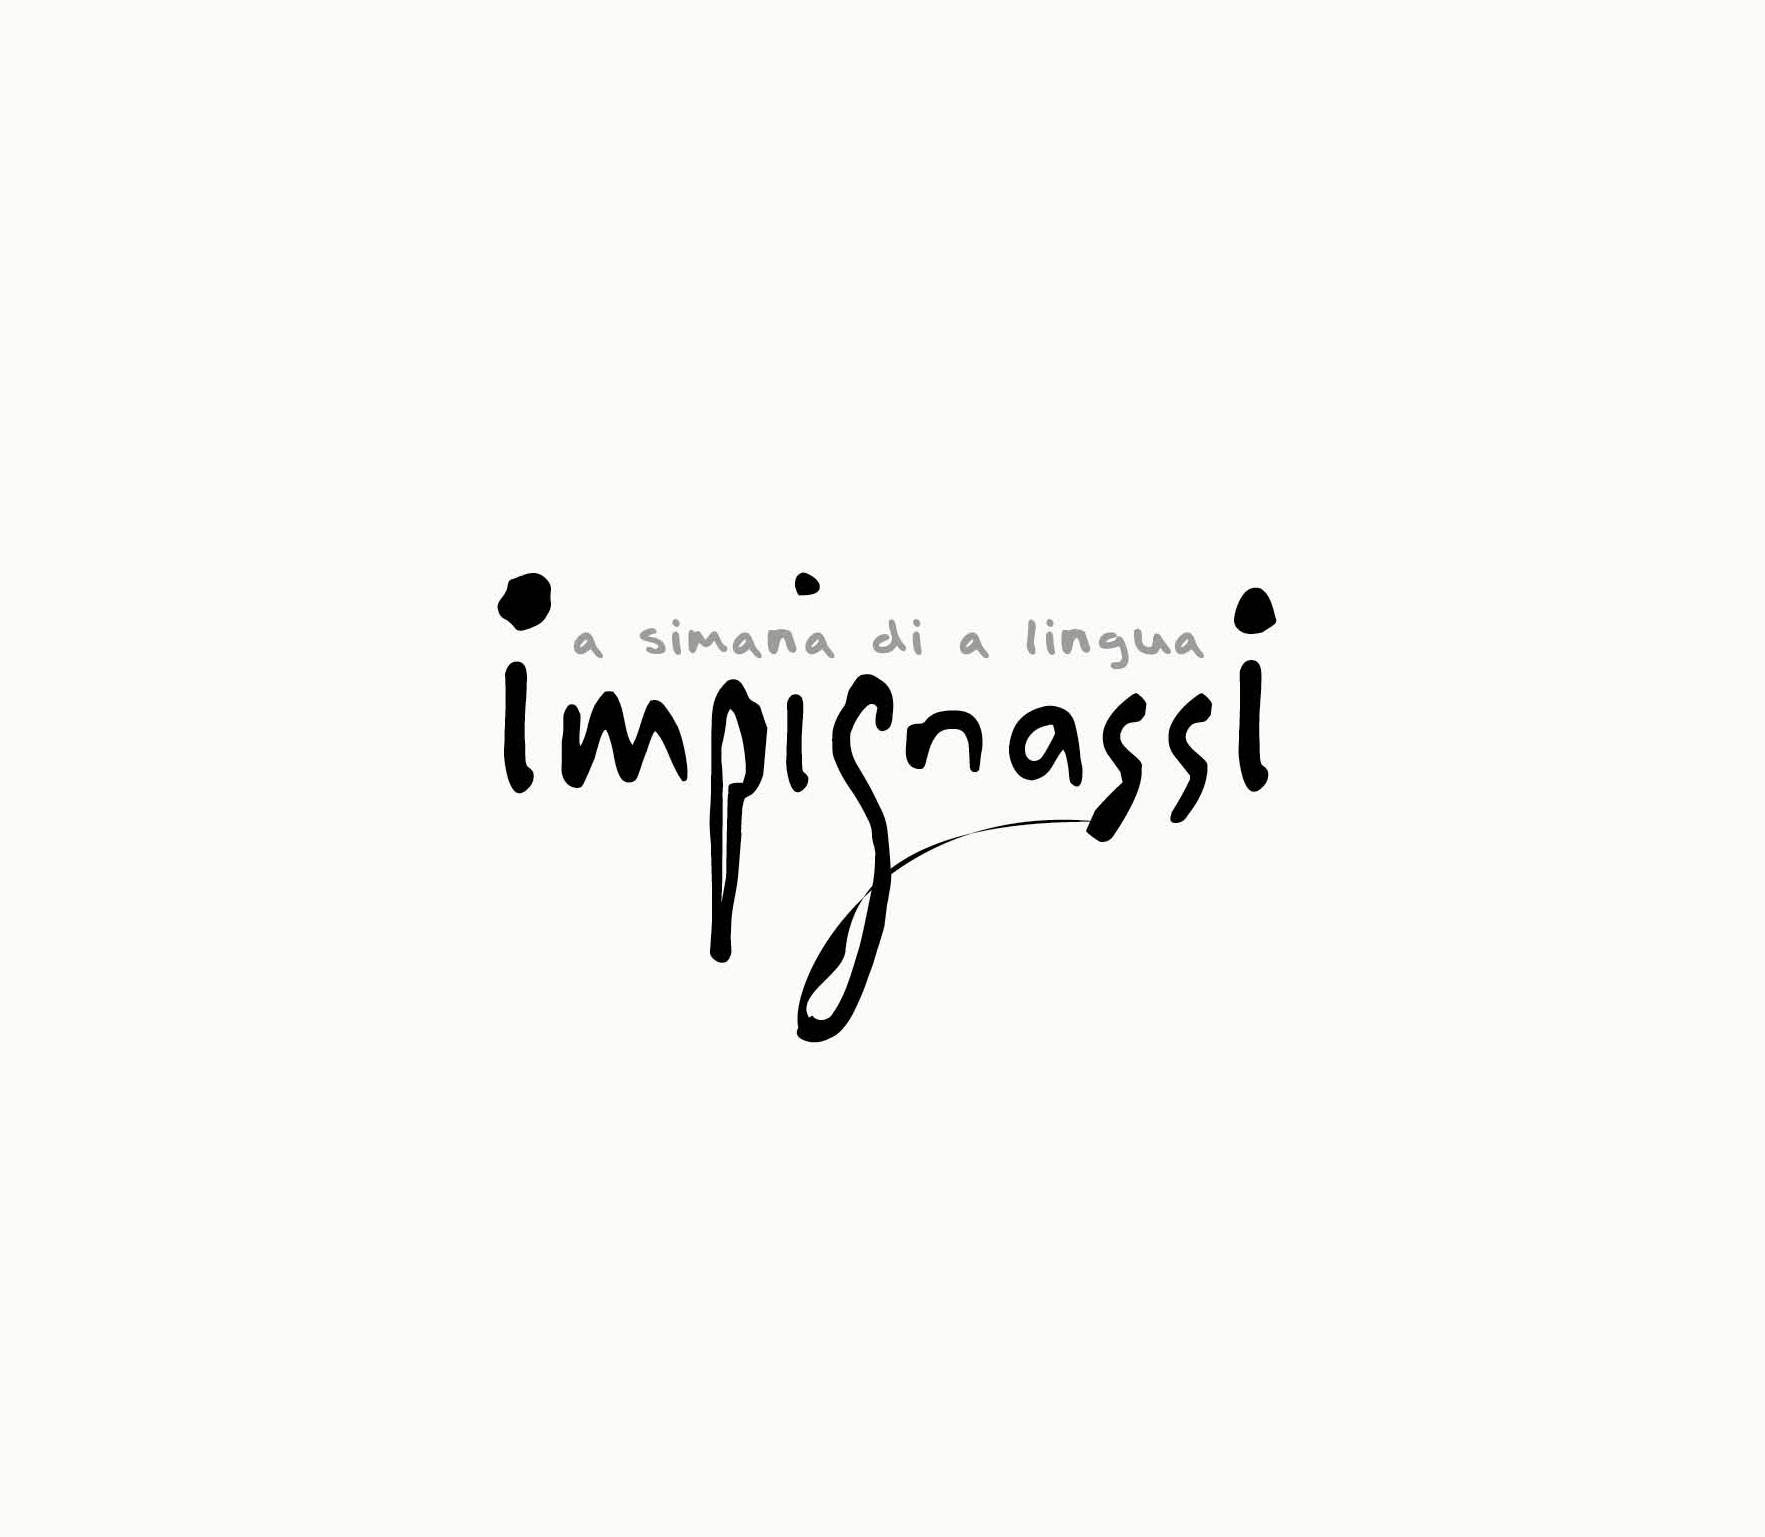 logo Impignassi